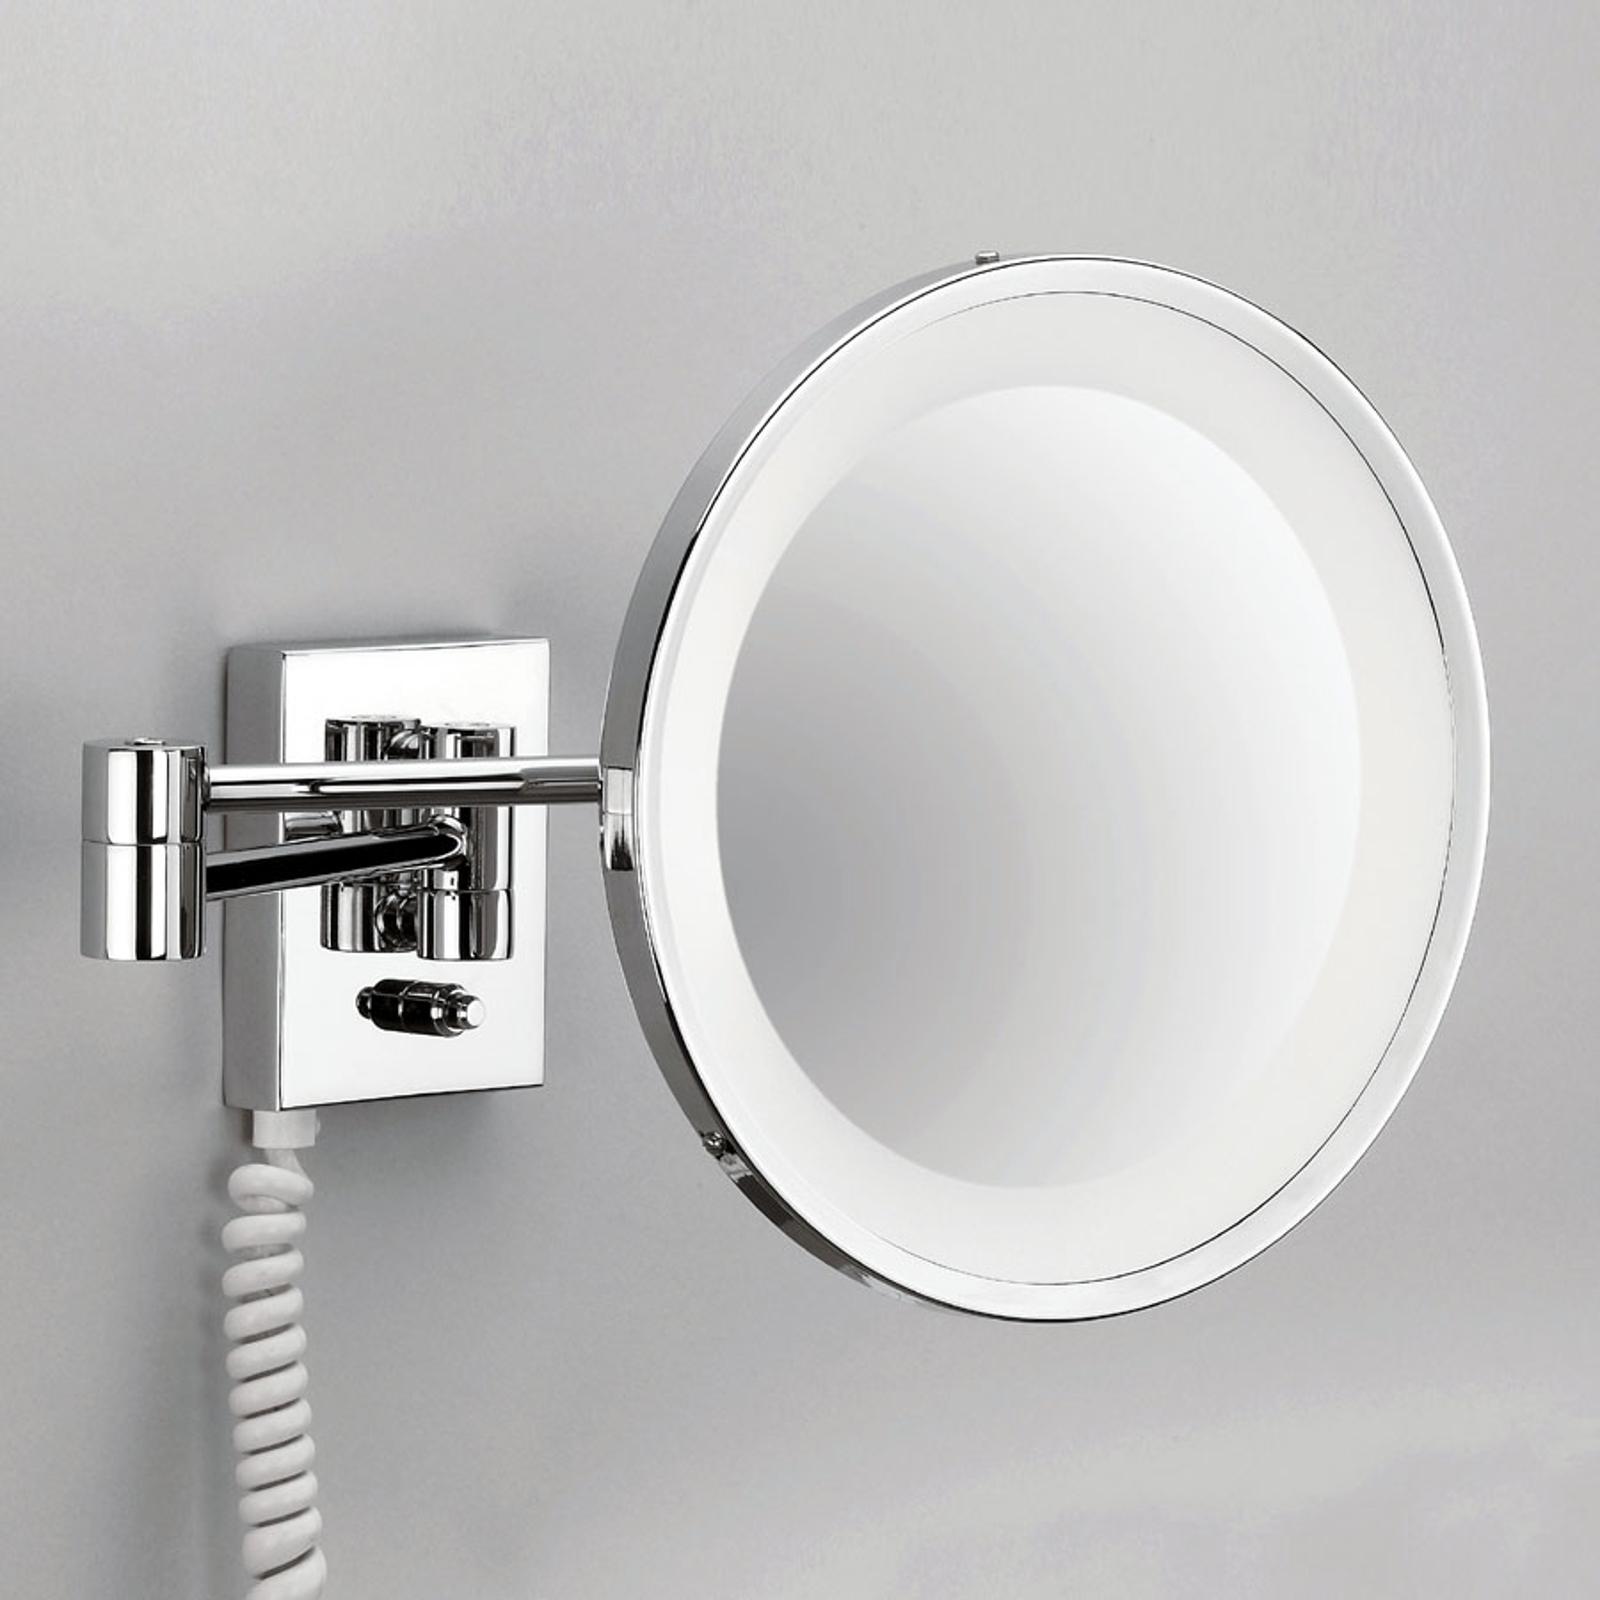 Förkromad väggsminkspegel POINT med belysning